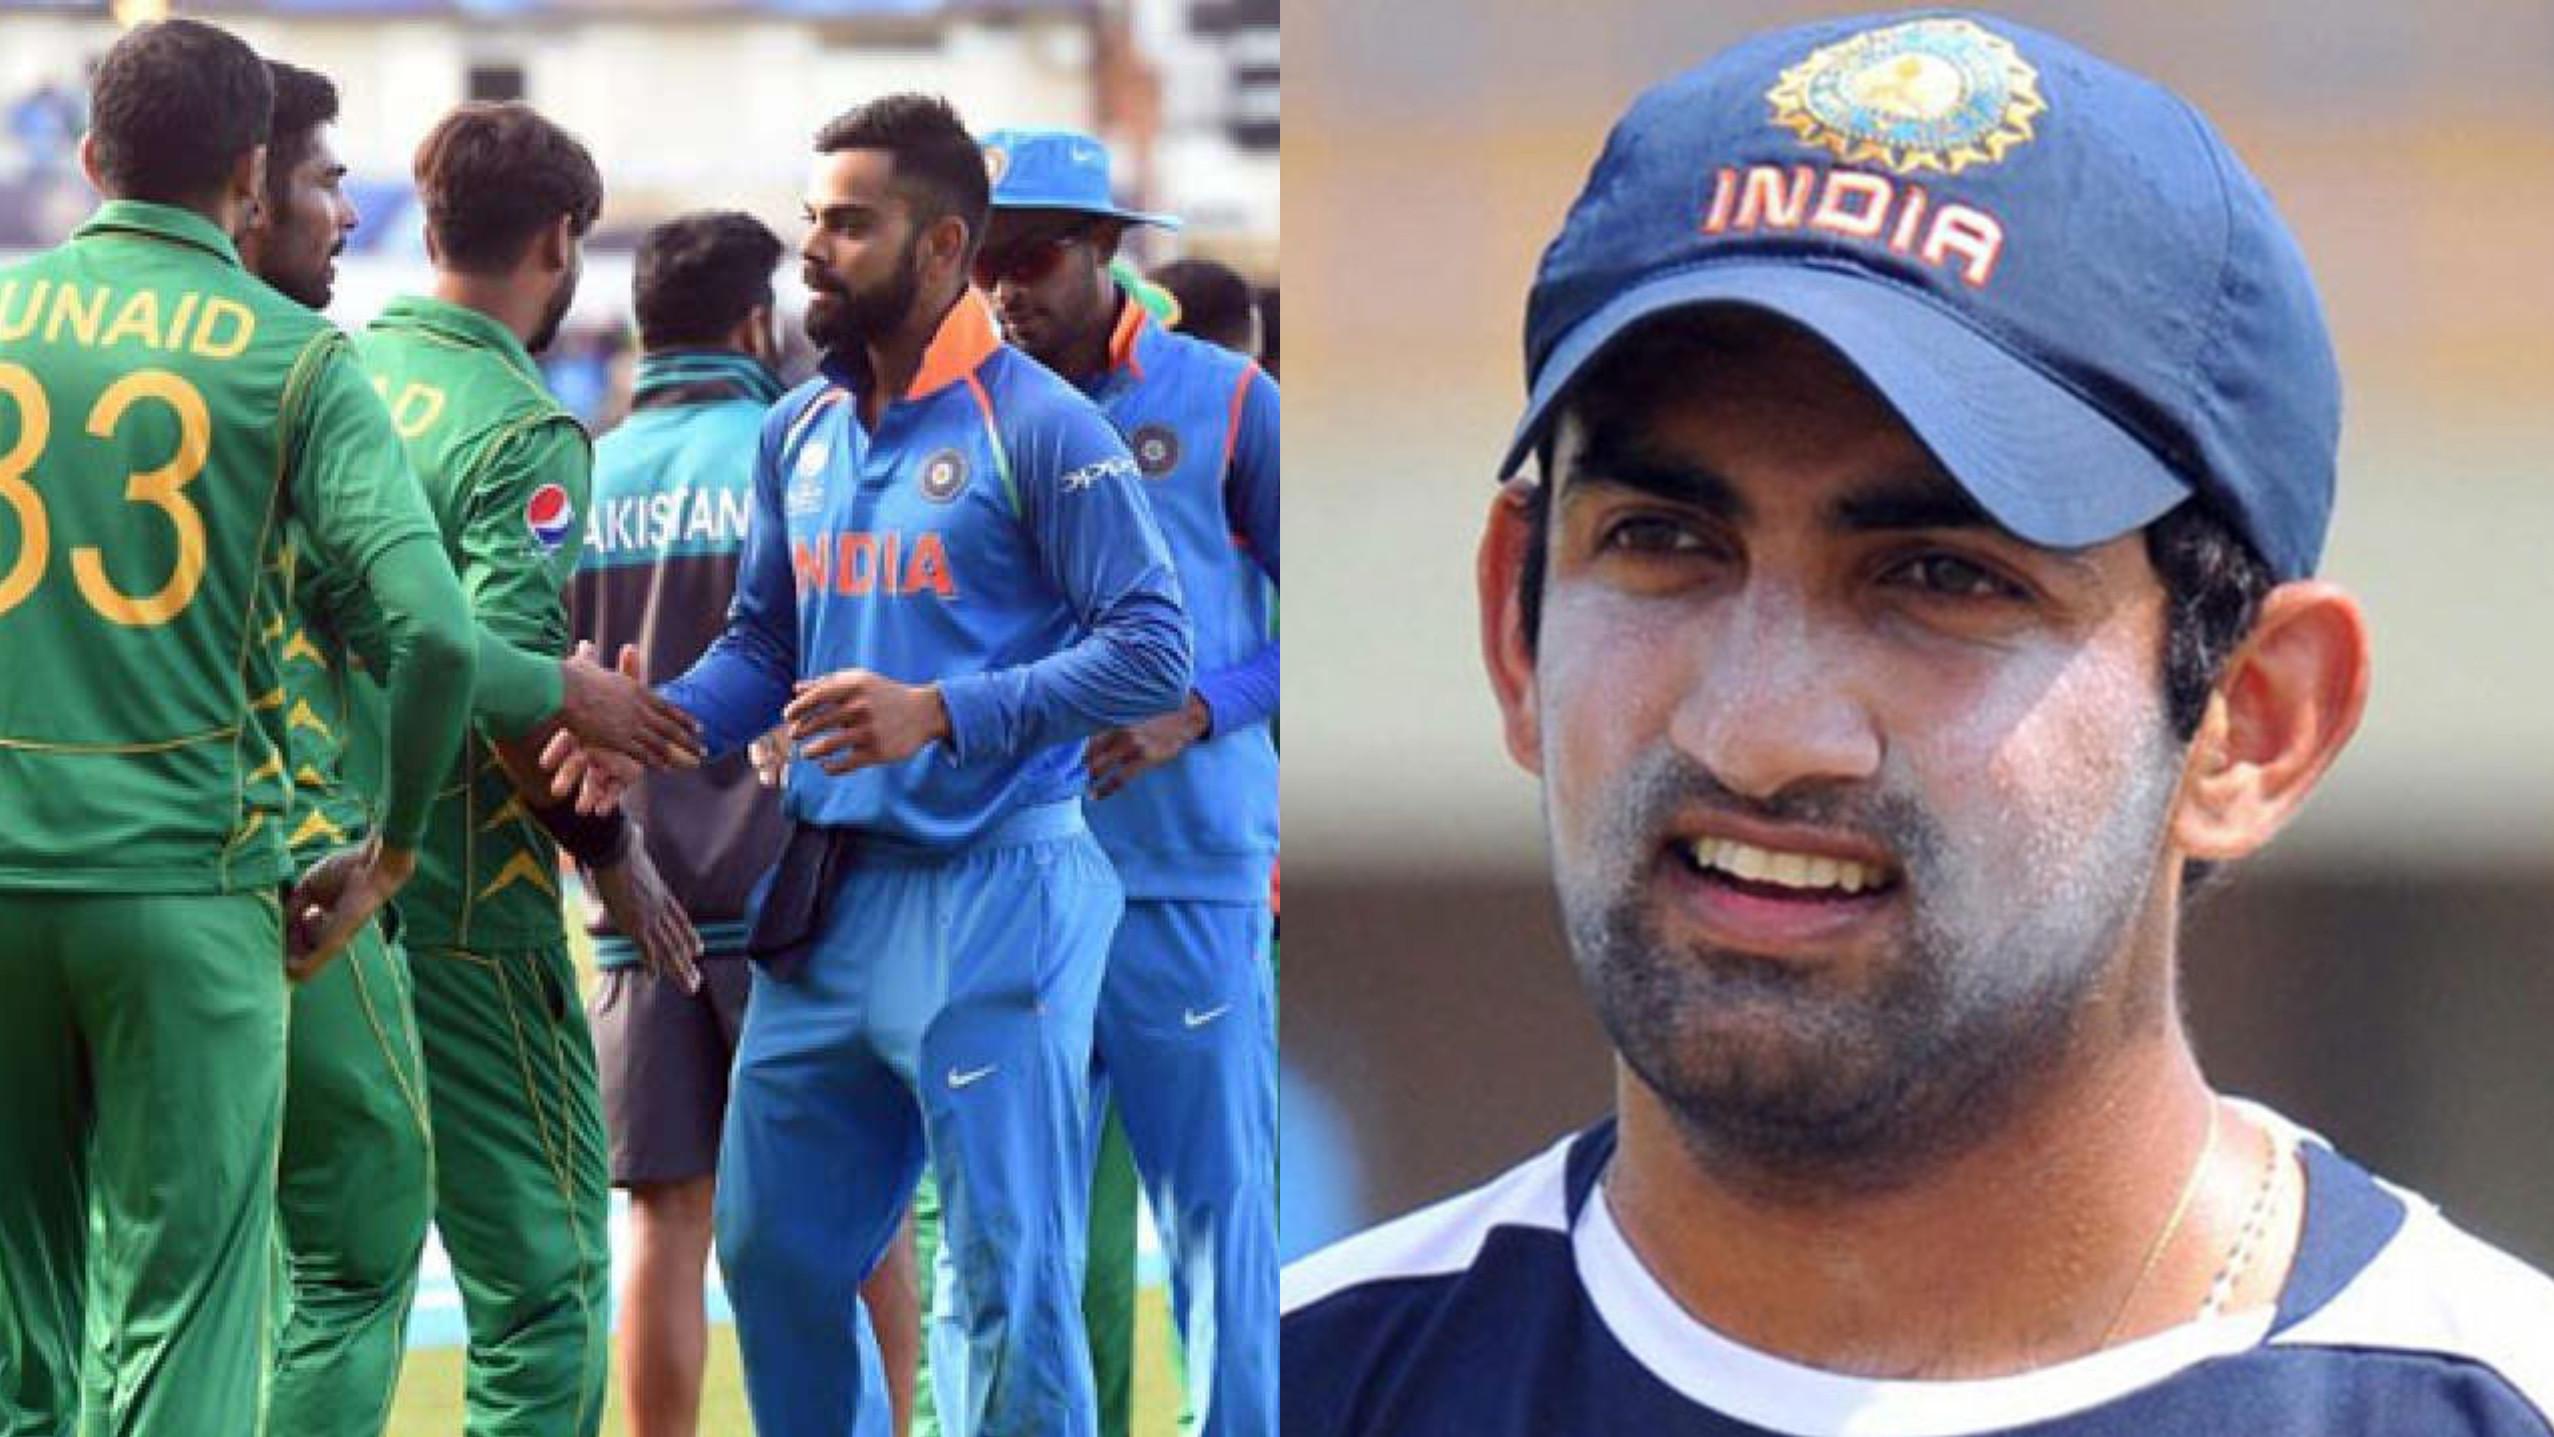 CWC 2019 : गौतम गंभीर विश्व कप में भारत-पाकिस्तान मैचों का पूरी तरह से बहिष्कार चाहते हैं